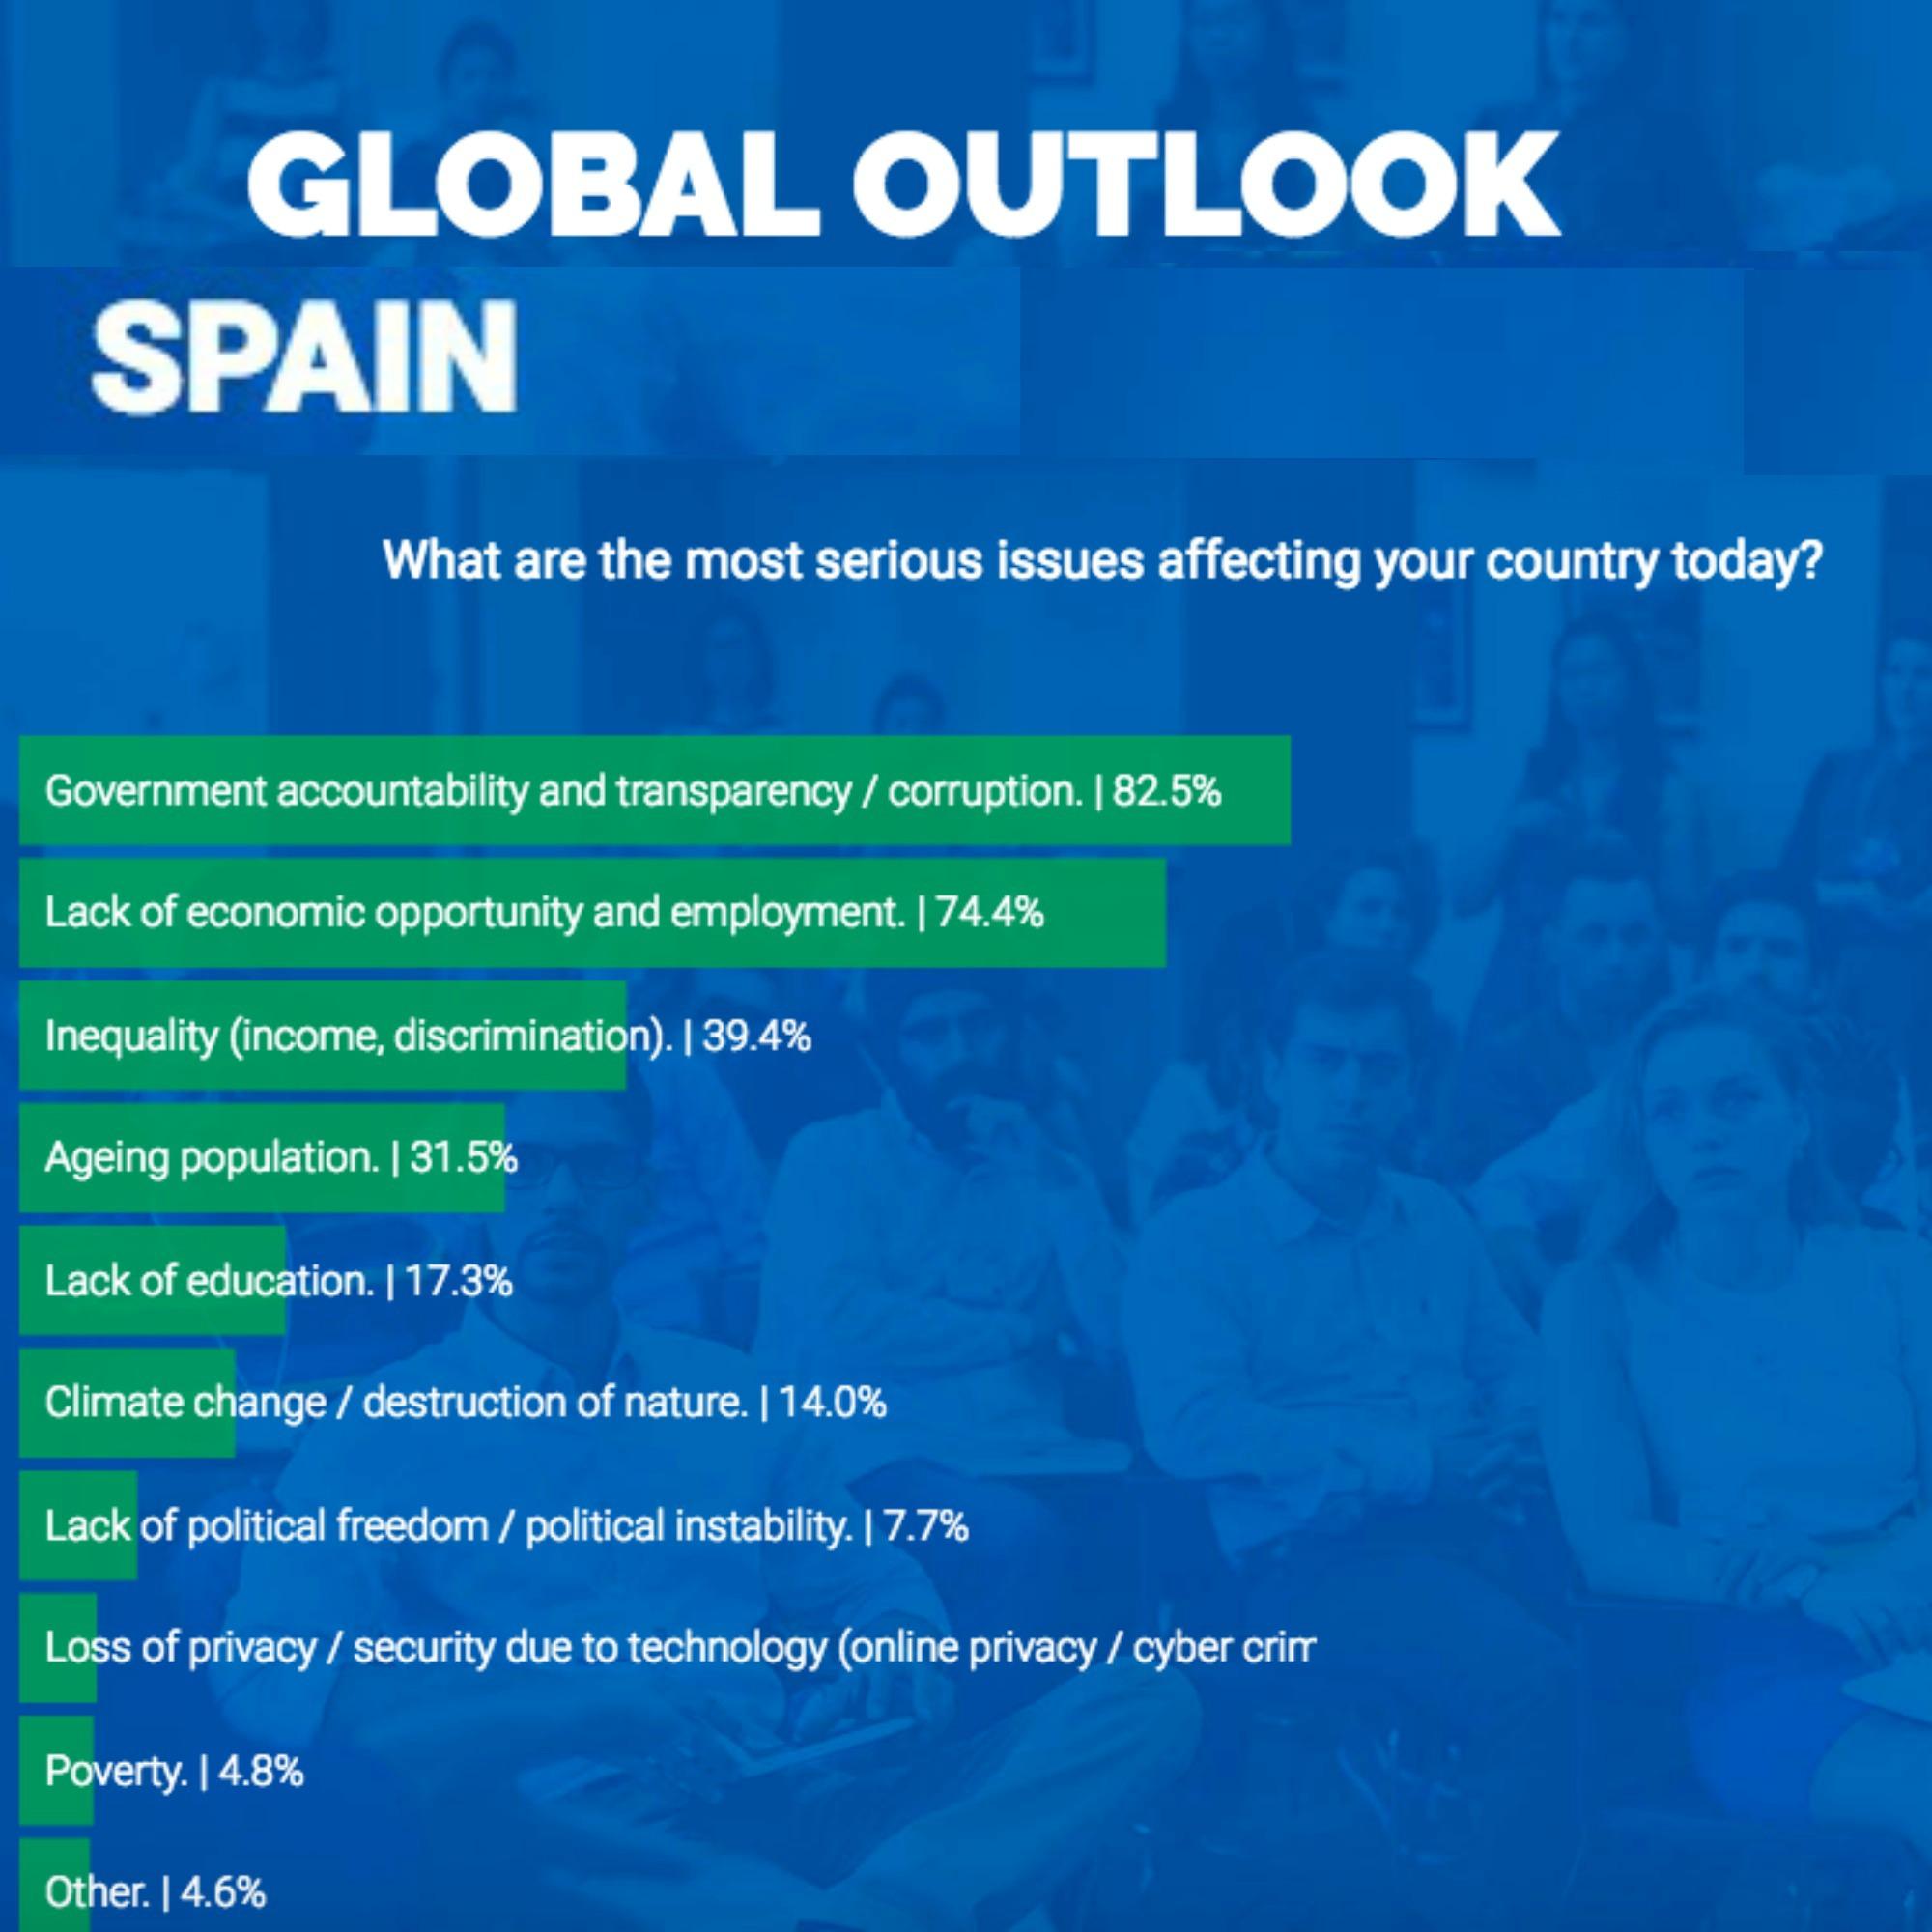 Solo un 14% de los jóvenes españoles opina que el cambio climático es prioritario.